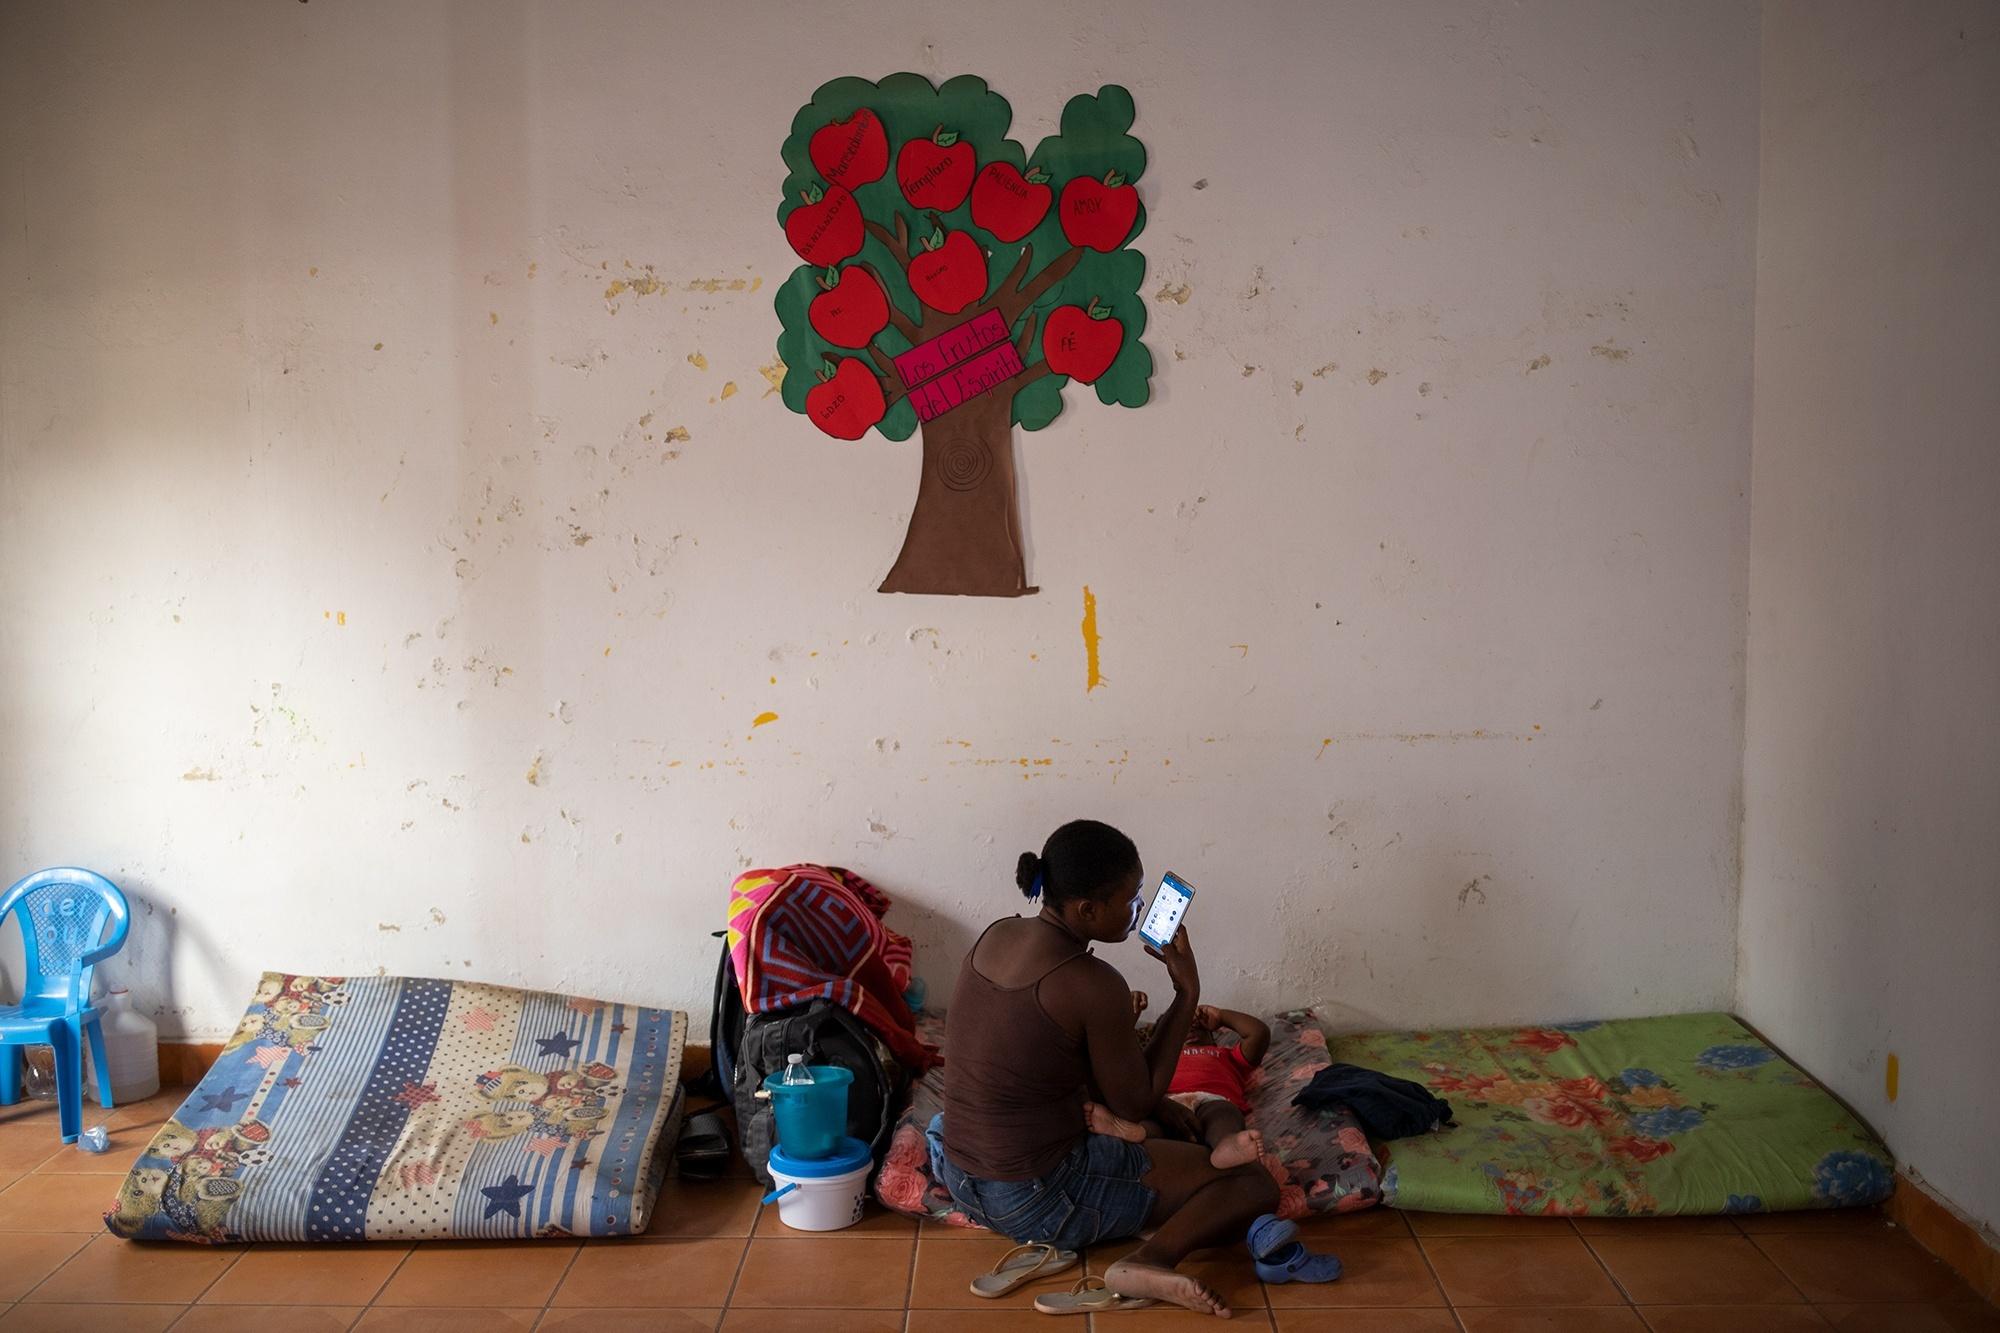 Una madre haitiana habla por teléfono mientras cuida a su hijo en la Iglesia Misionera Revelación Divida, la cual ha sido convertida en albergue para las personas migrantes que cruzan la frontera entre Honduras y Nicaragua por puntos ciegos. Trójes, El Paraíso, 21 de abril de 2021. Foto: Martín Cálix.